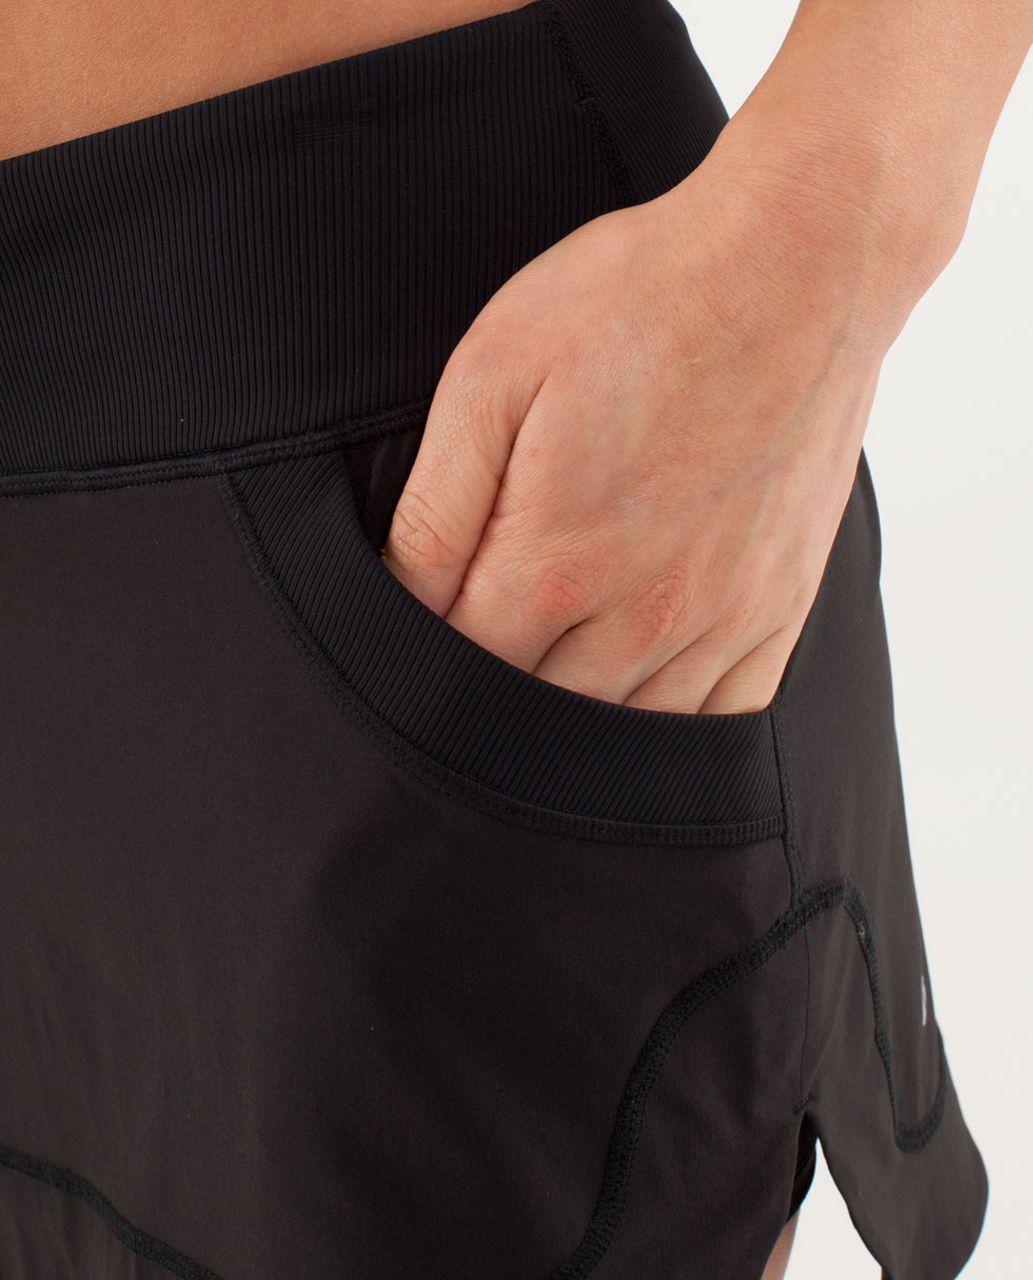 Lululemon Run:  For All Skirt - Black